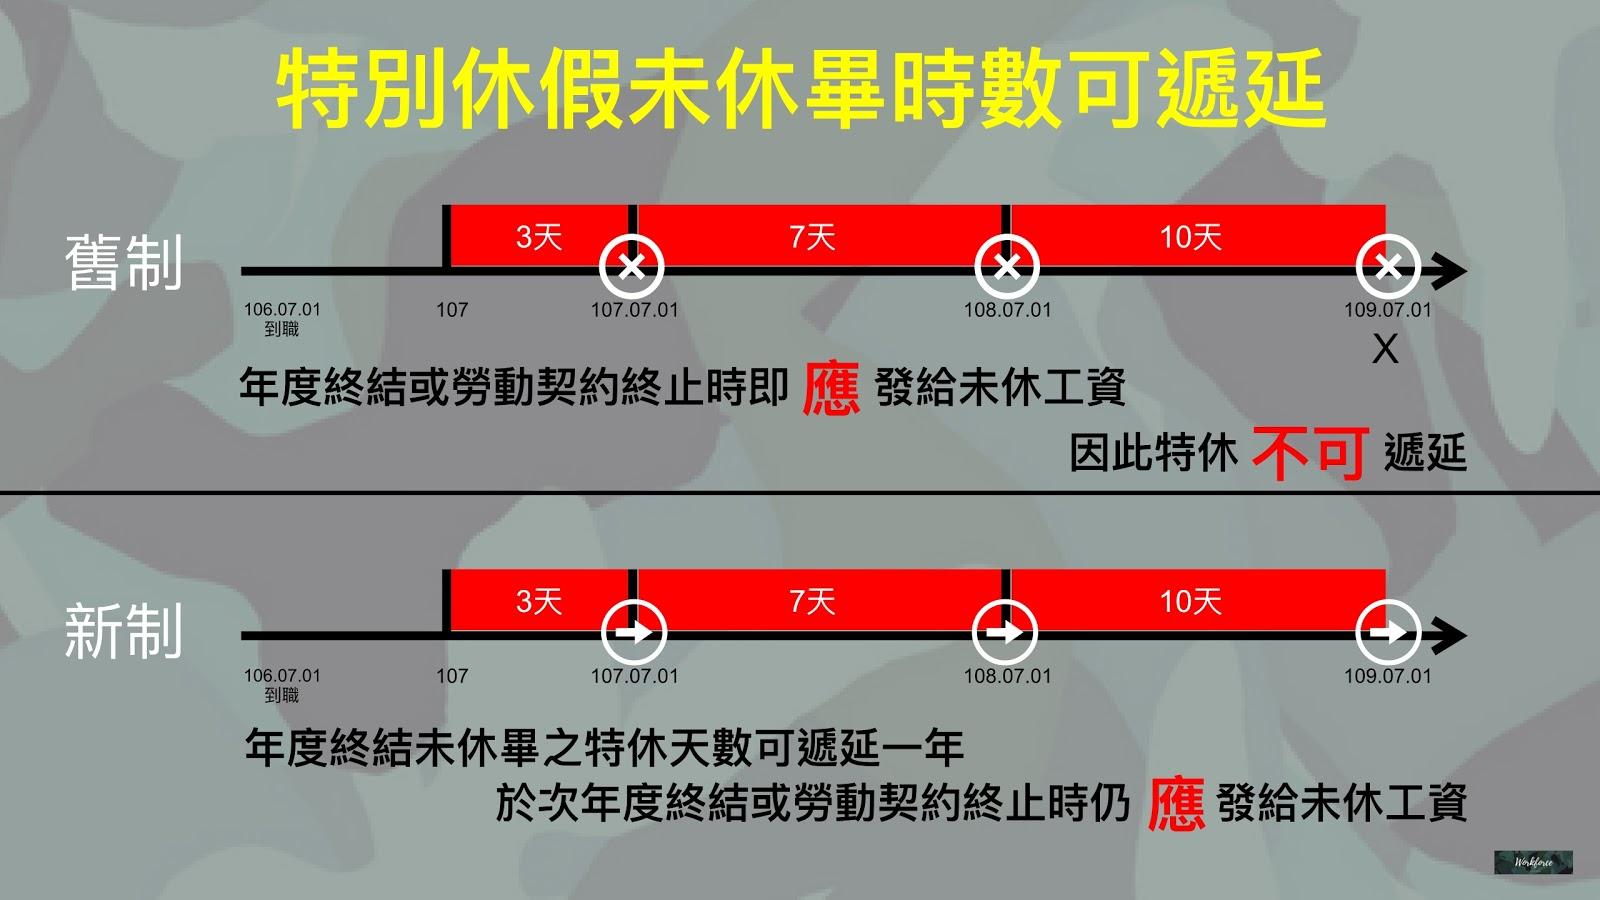 風雨飄渺中定案!圖解107年勞動基準法修法內容 | Workforce